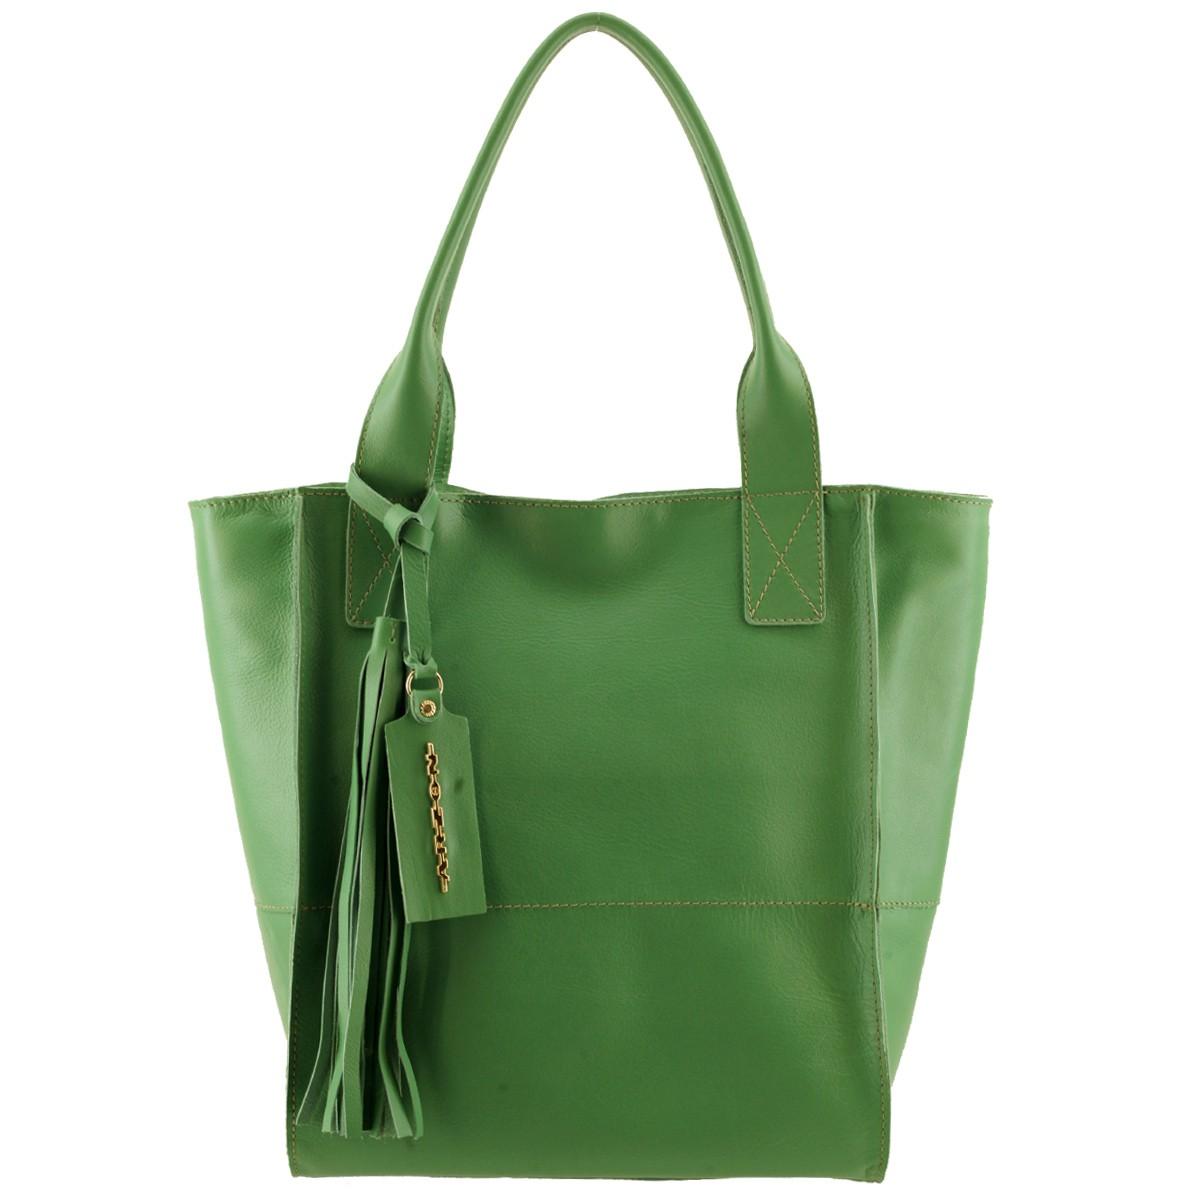 Bolsa Sacola Couro Feminina Verde Limão